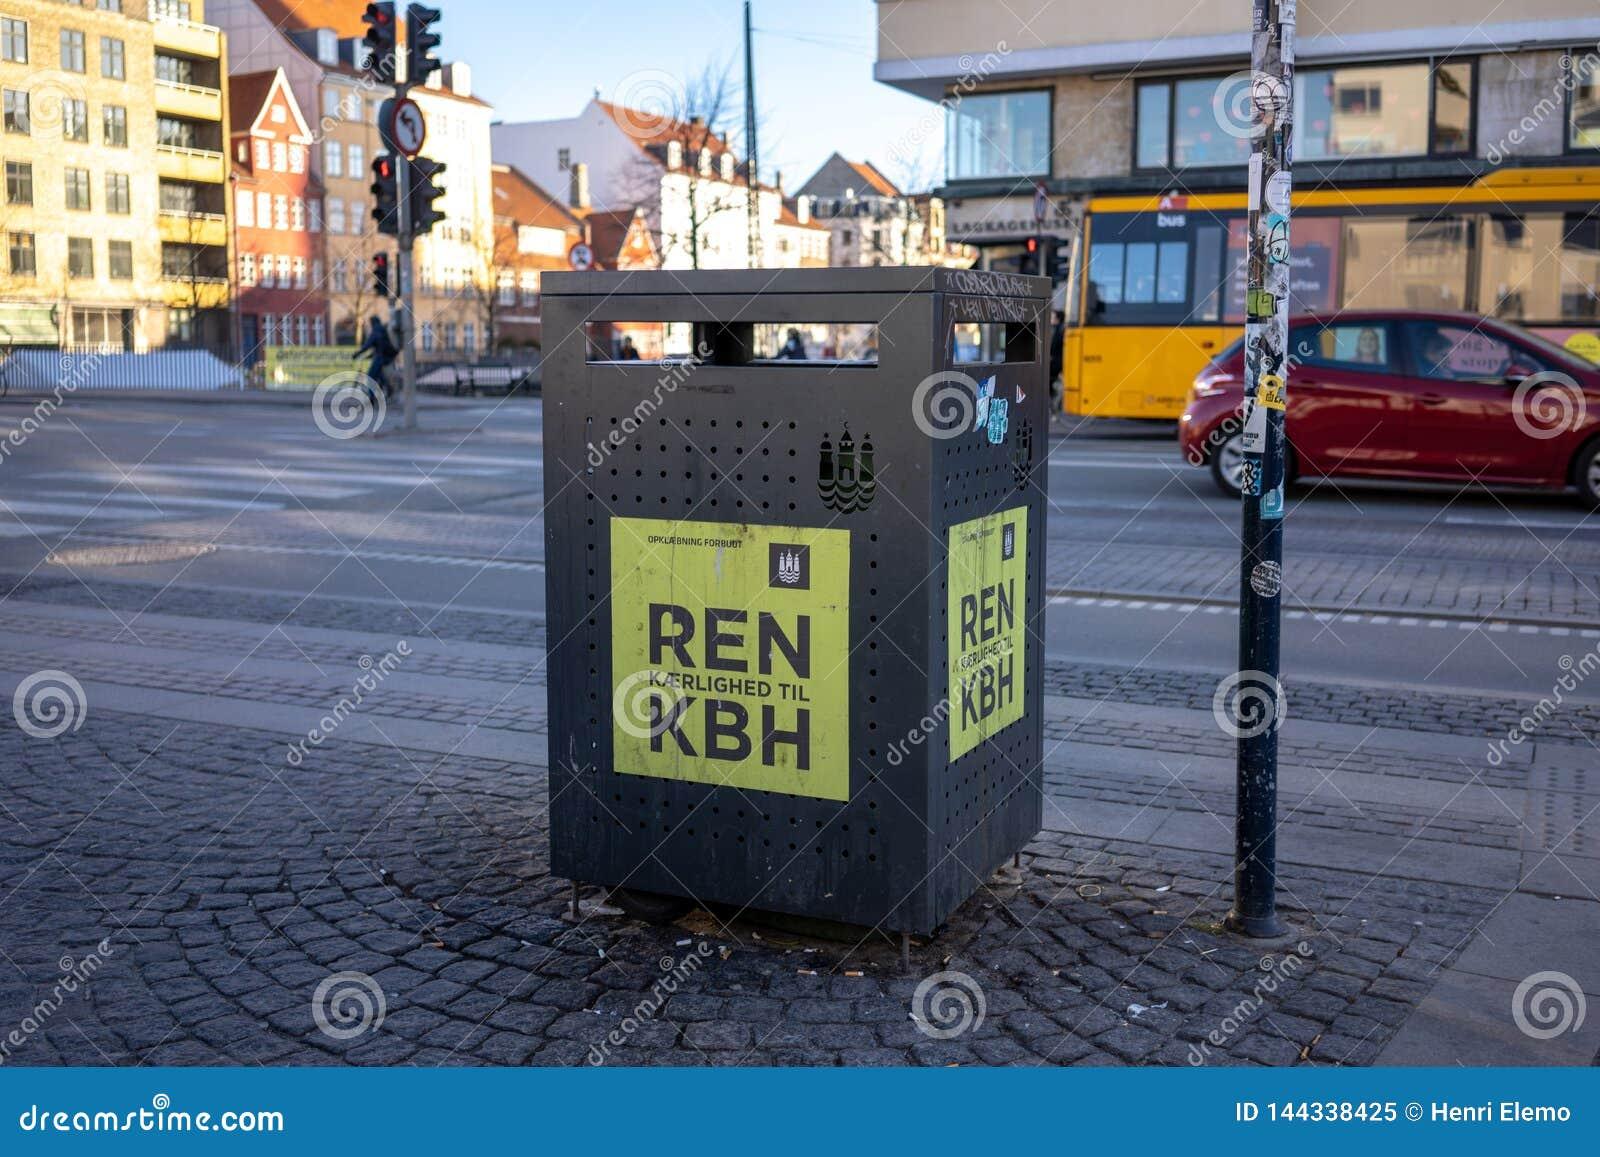 Kopenhagen, Dänemark - 1. April 2019: Abfalleimer nahe bei einer Straße für Mischwasser in Christianshavn, nahe bei einer Straße